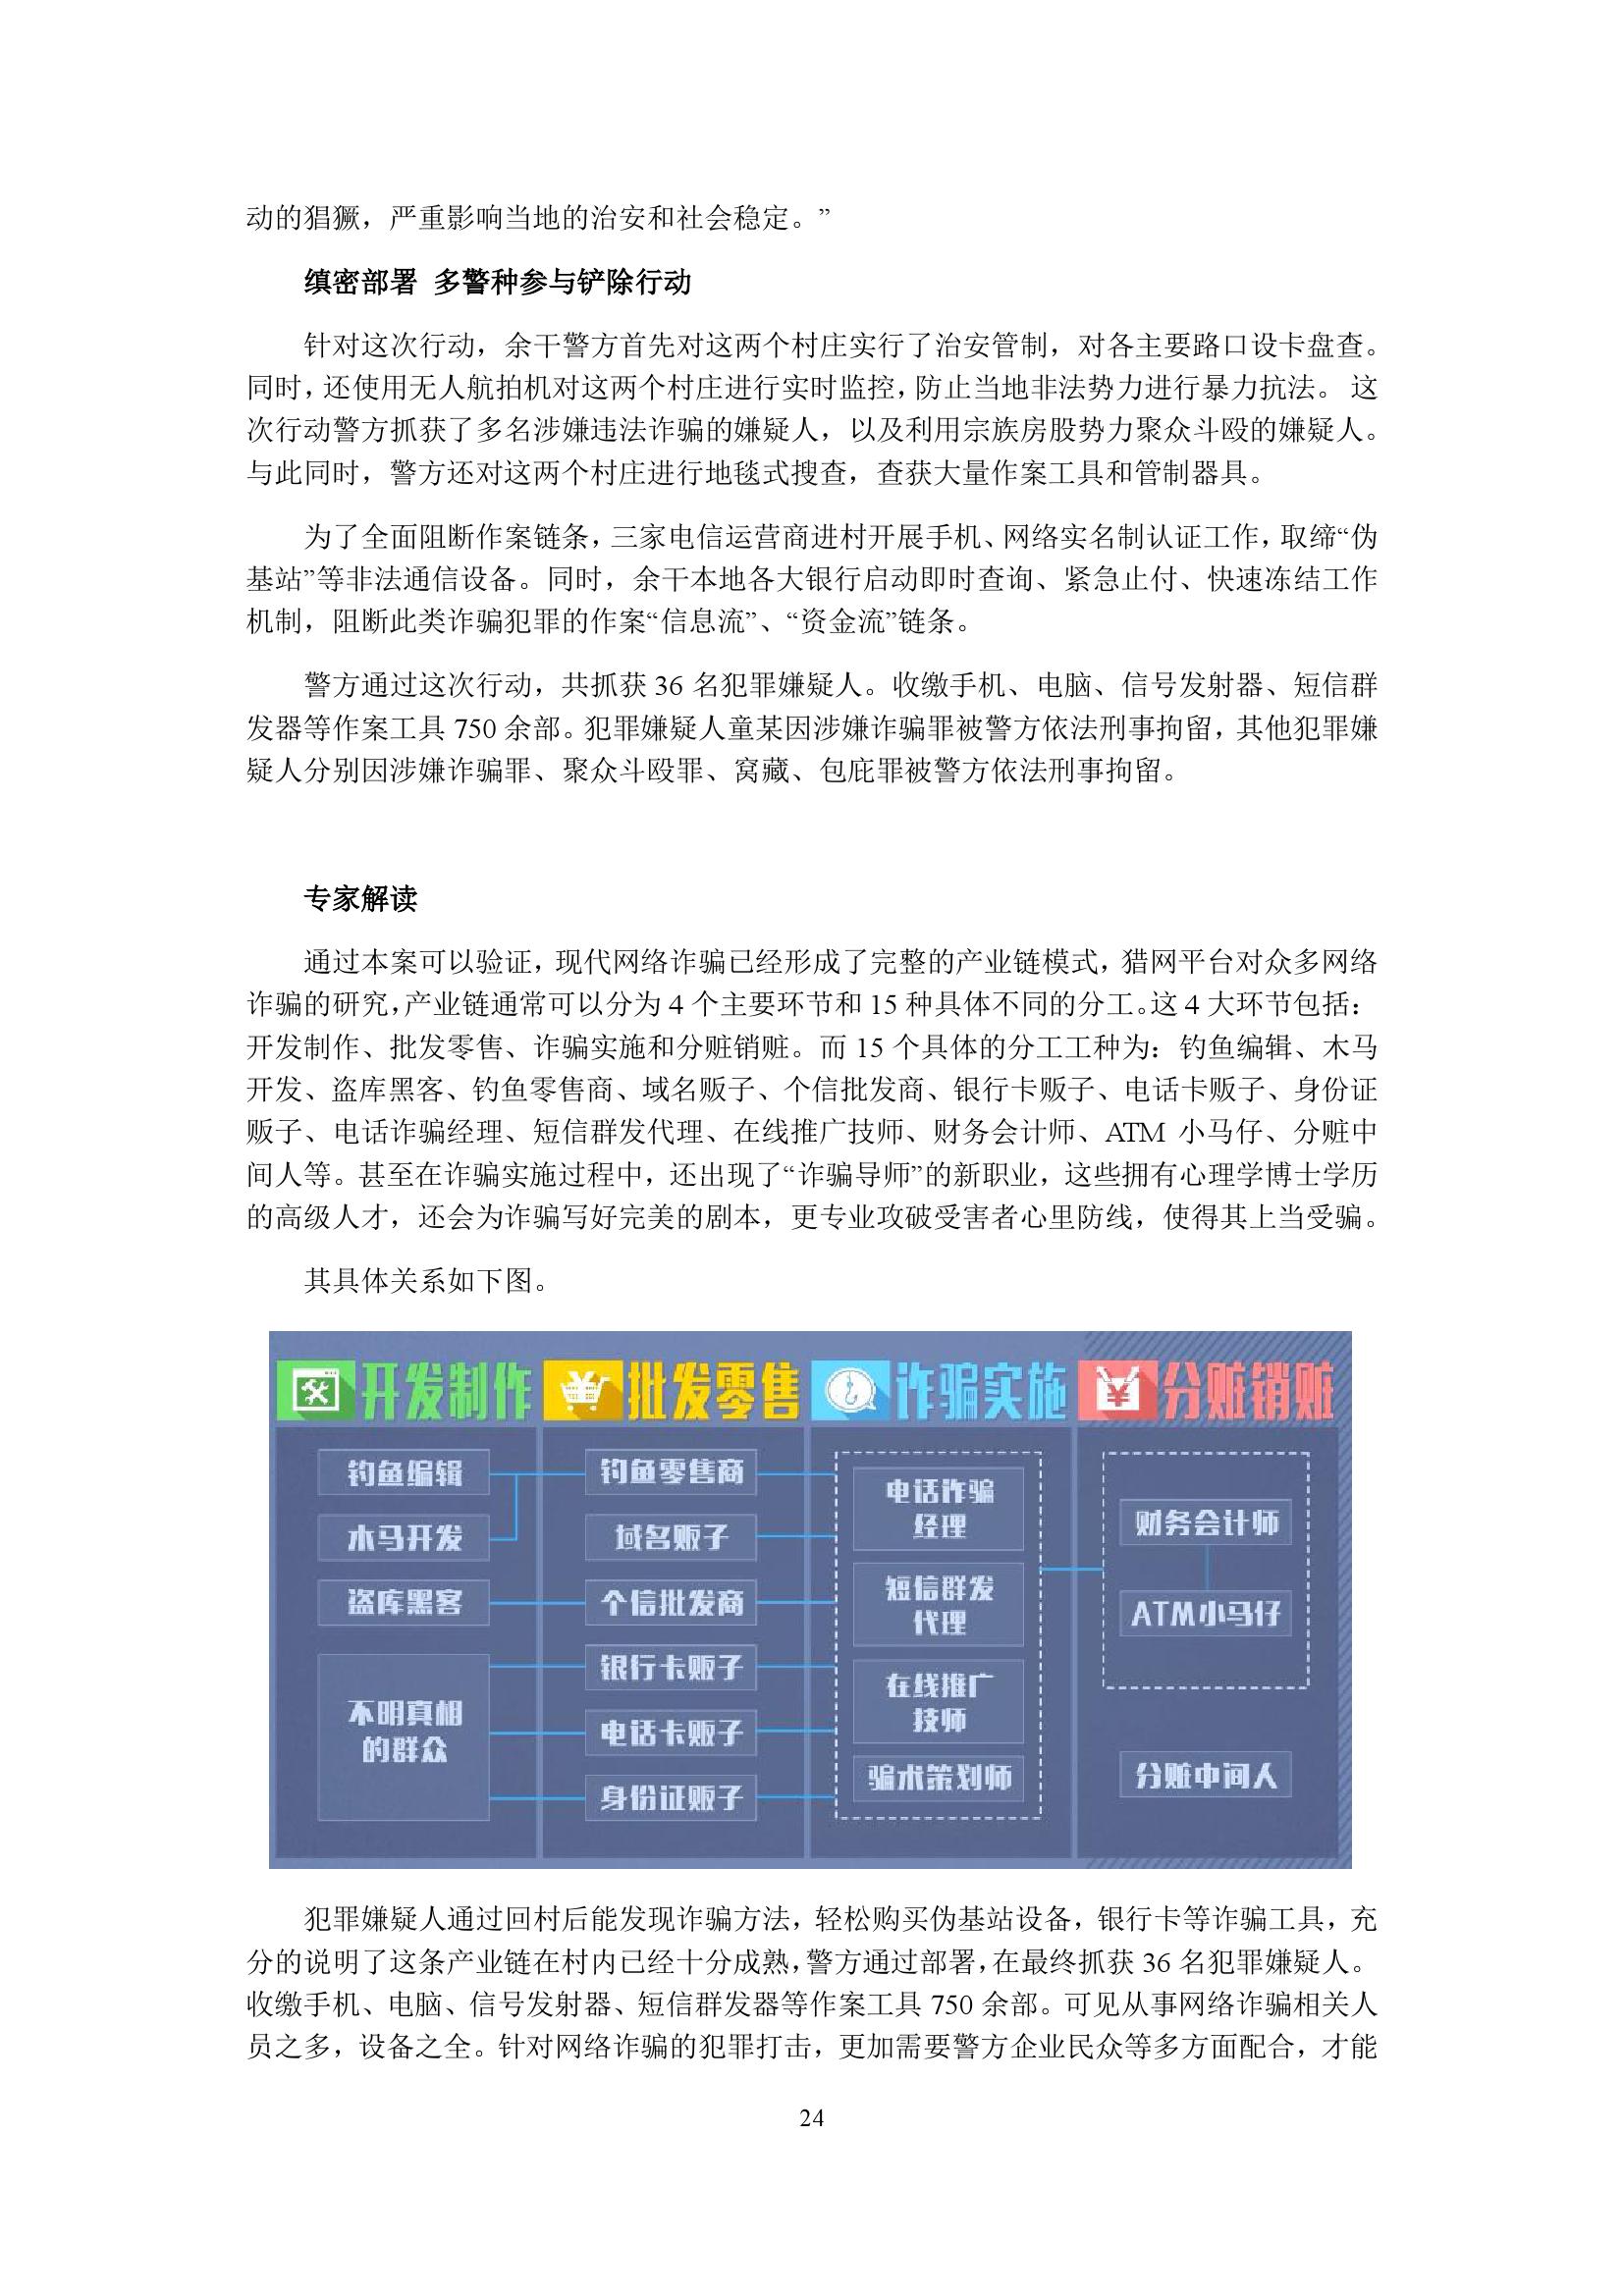 2016年第一季度网络诈骗趋势研究报告_000027